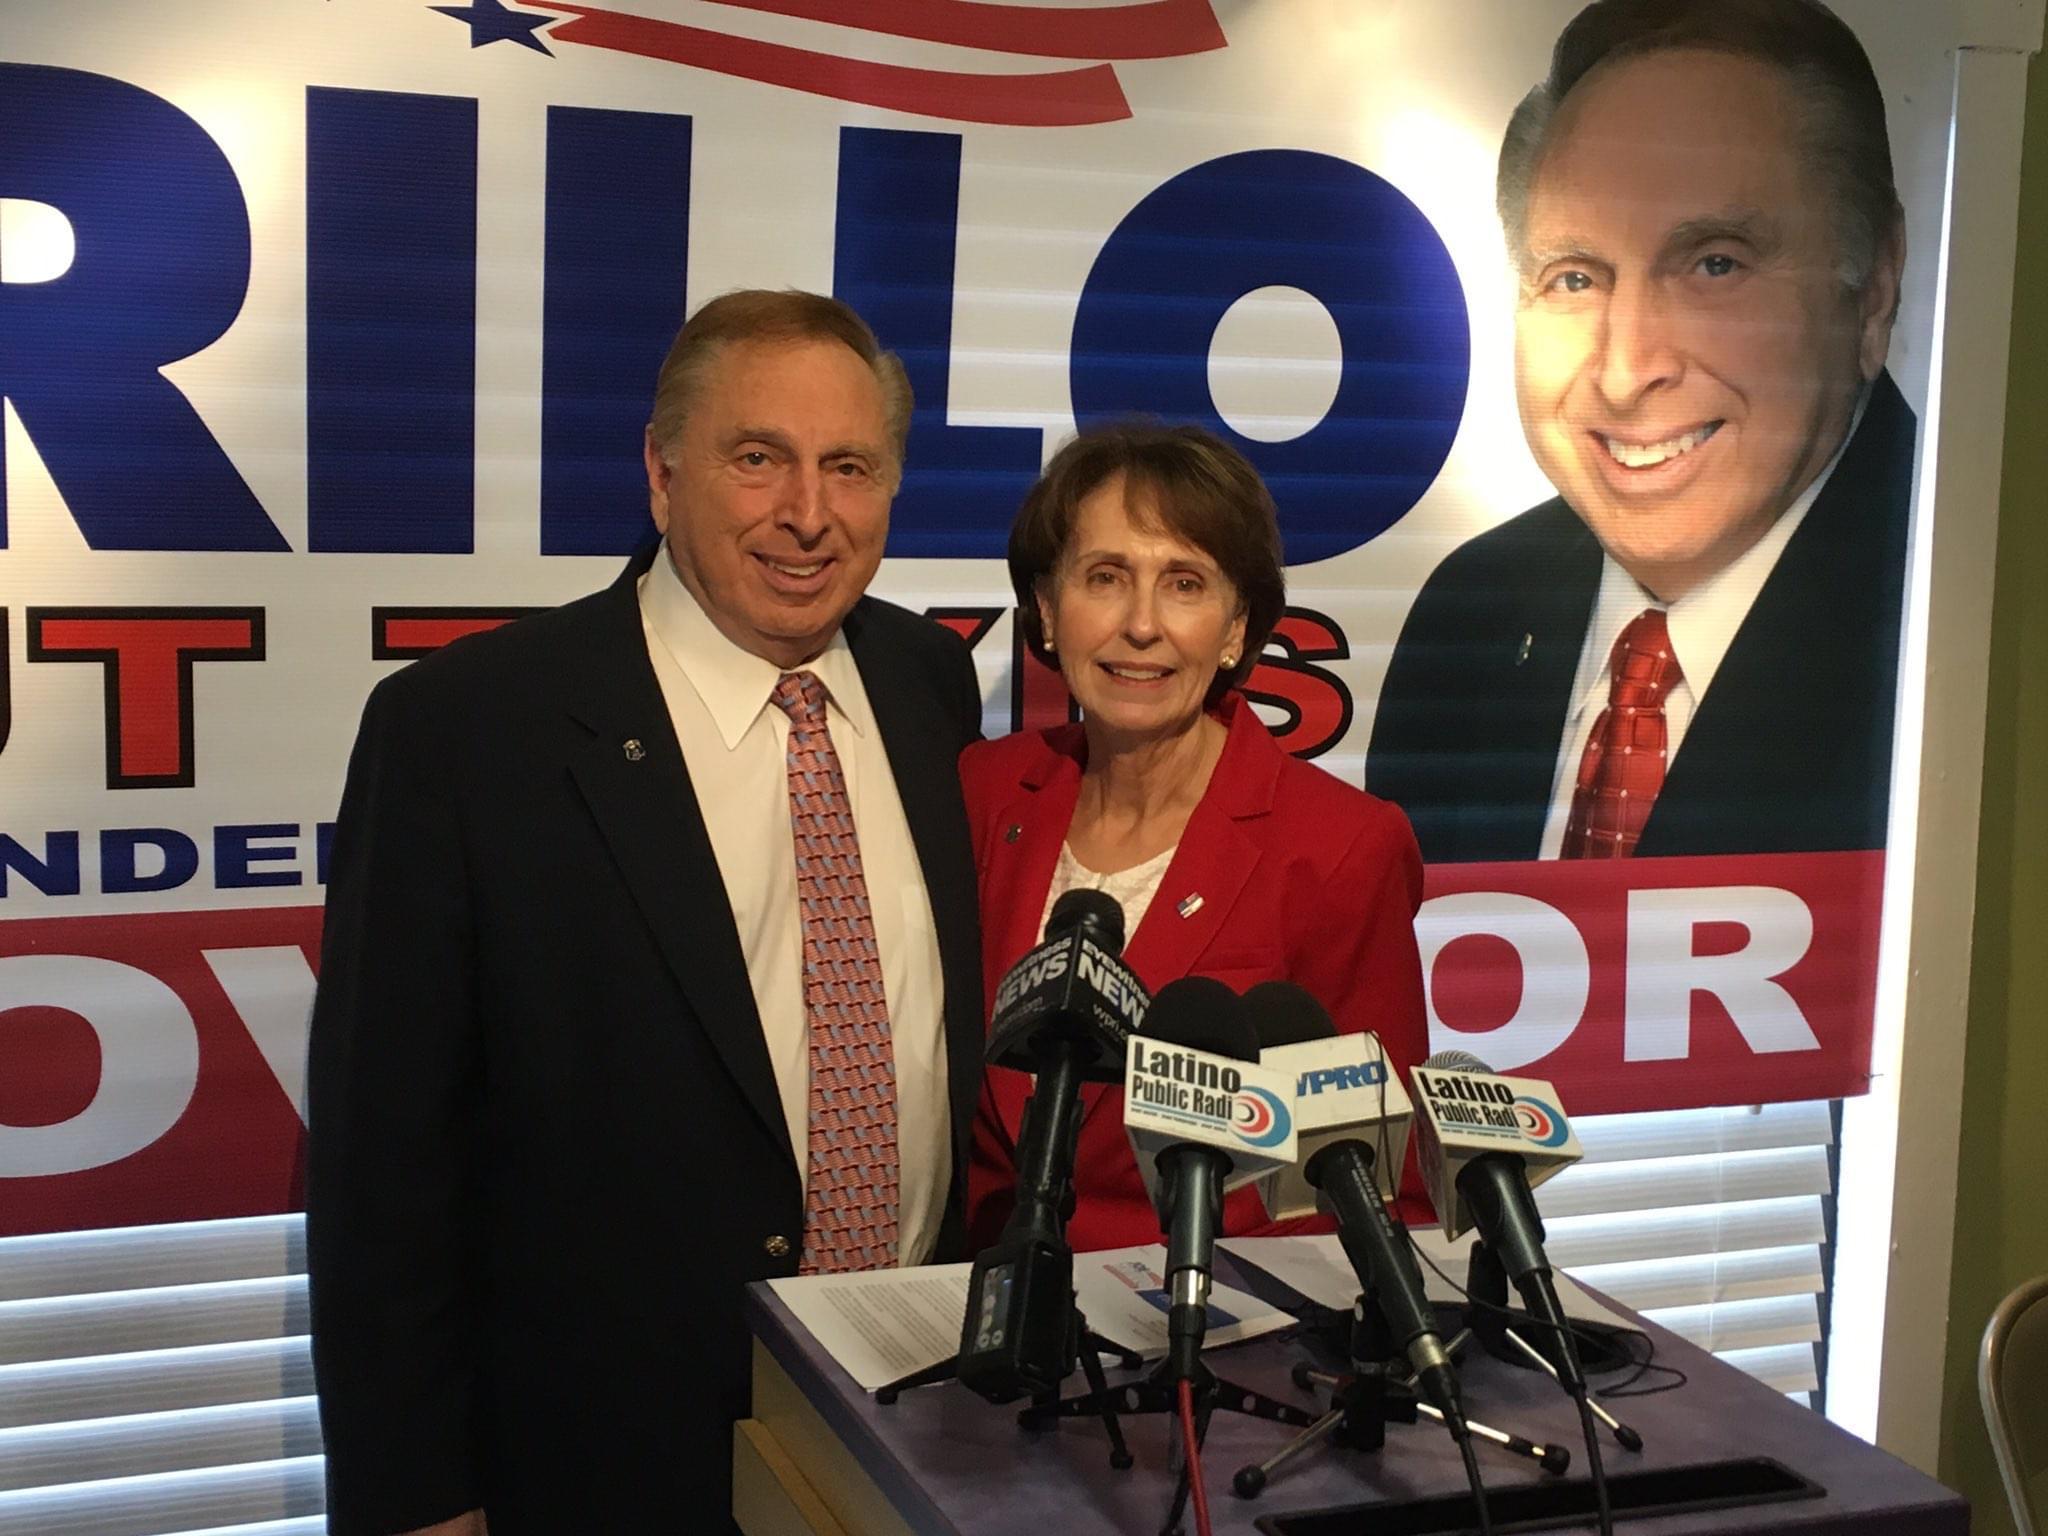 Patricia Morgan endorses Joe Trillo for Governor